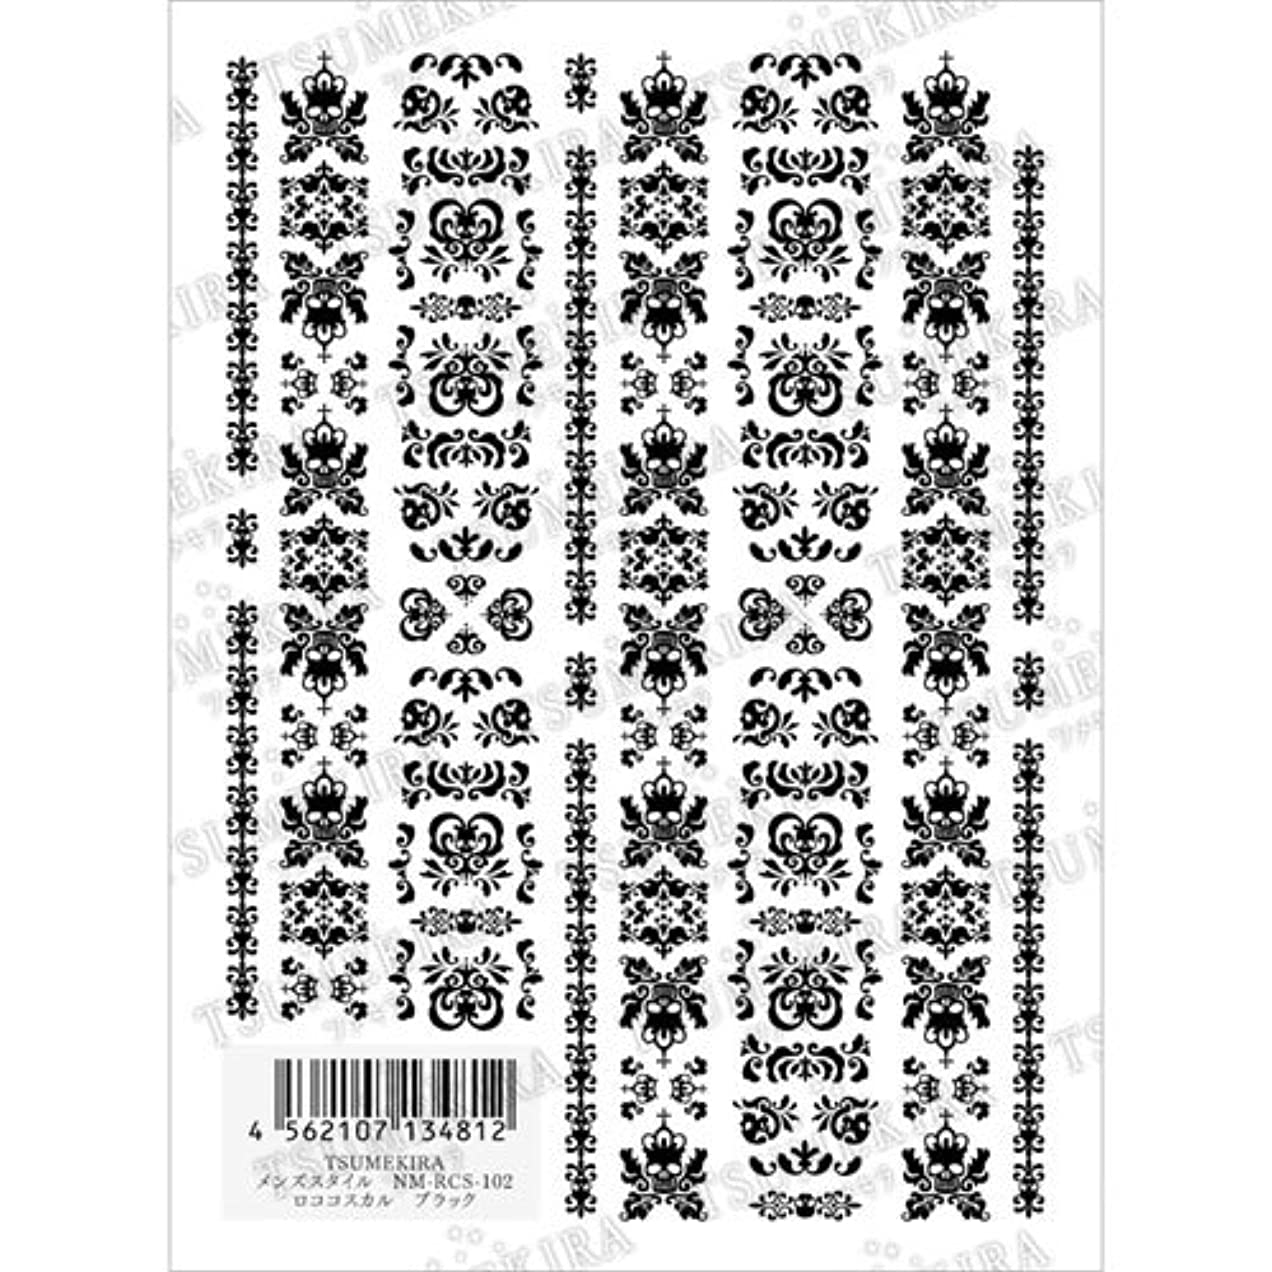 オーロックファイナンスほうきツメキラ ネイル用シール メンズスタイル ロココスカル ブラック